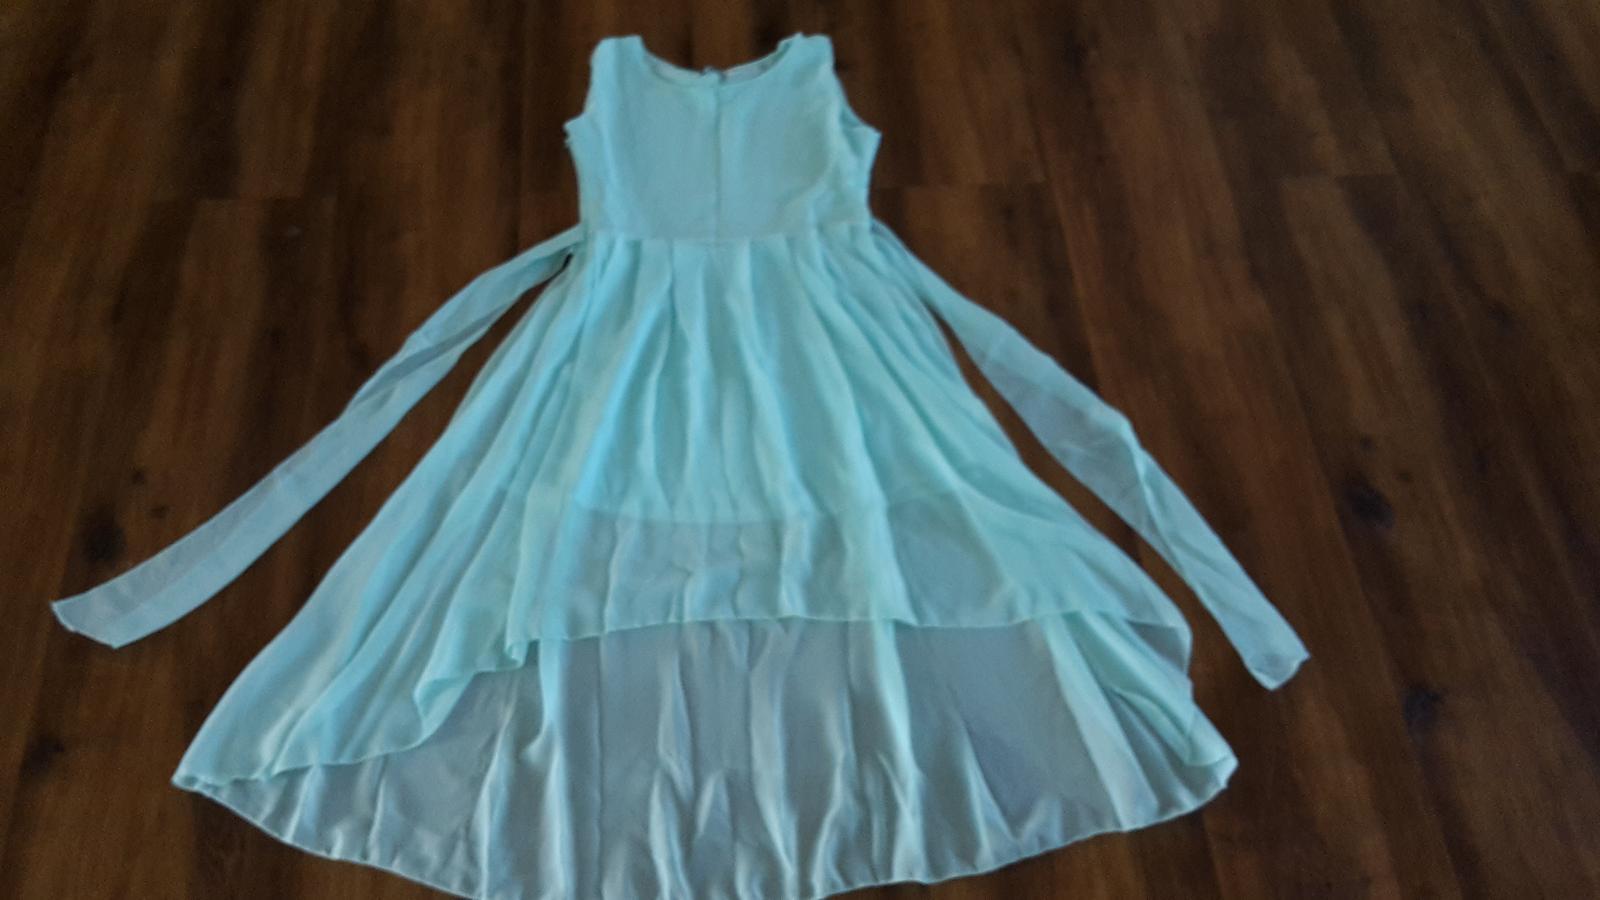 Asymetrické-polodlhé letné šaty, spoločenské šaty - Obrázok č. 1